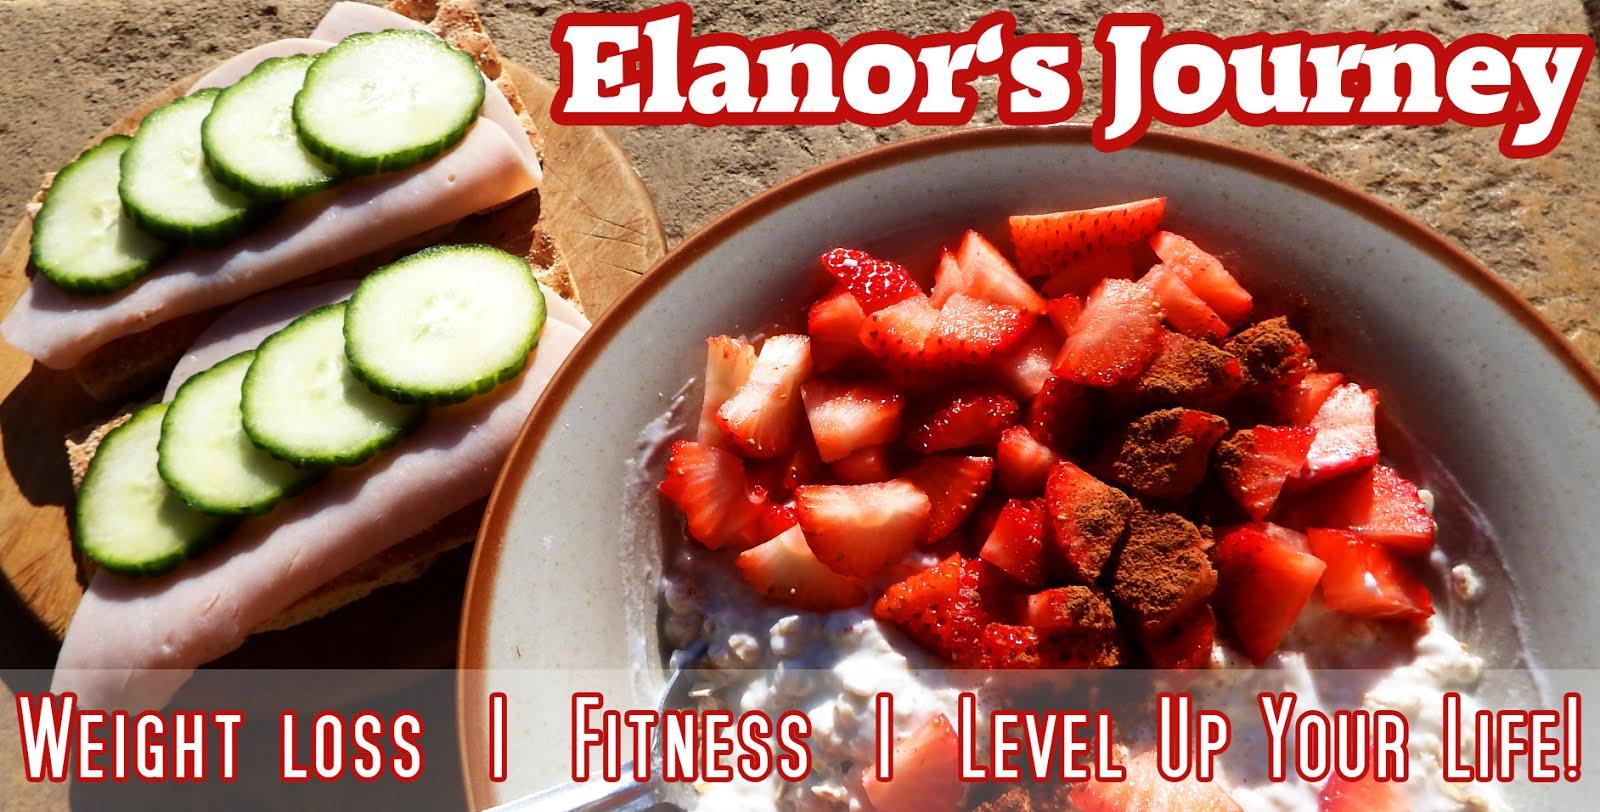 Elanor's Journey